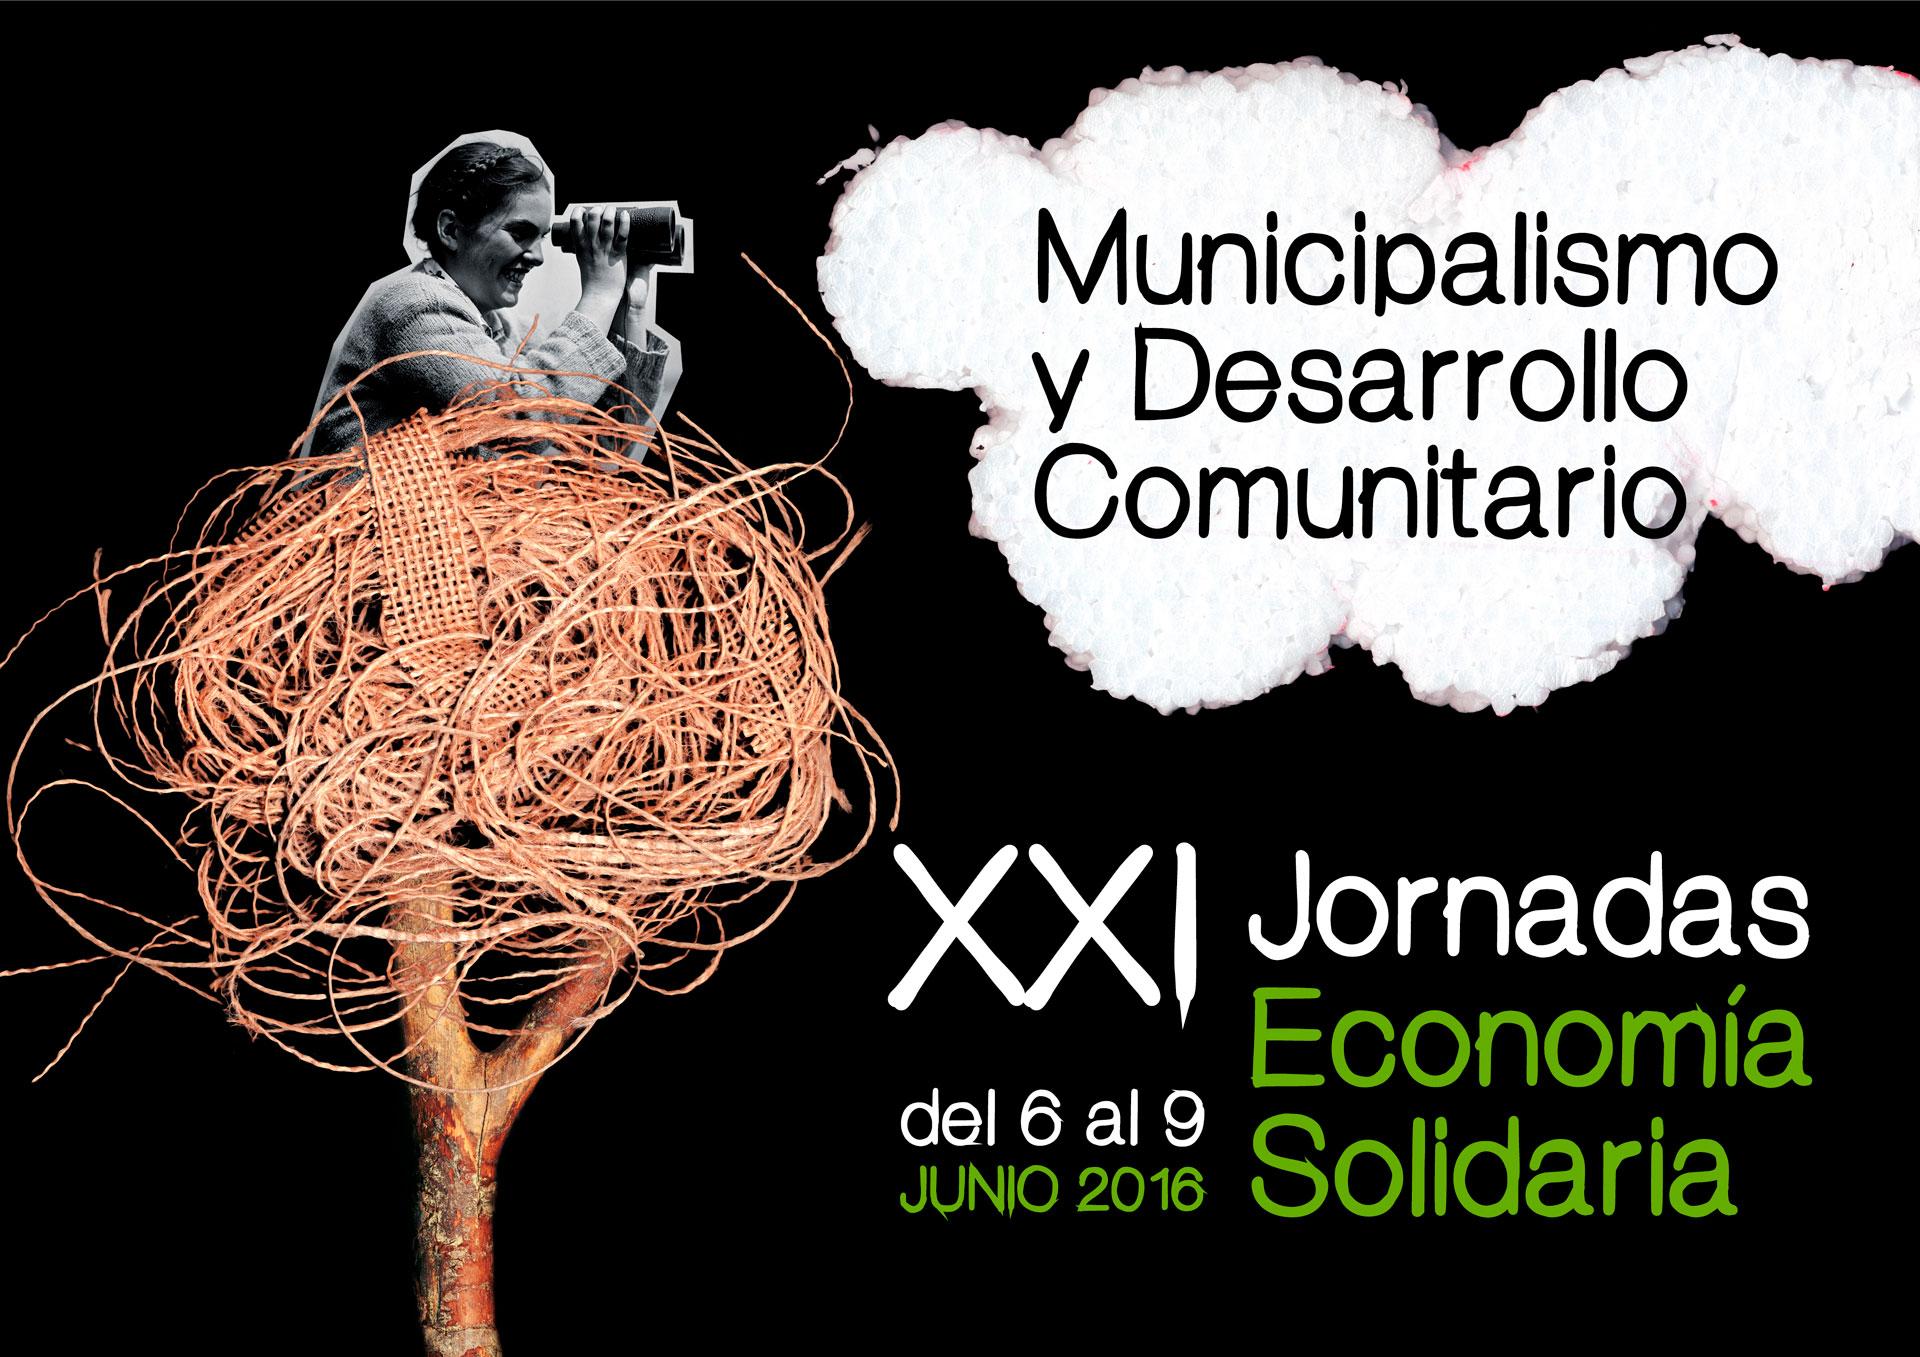 XXI edición de las Jornadas de Economía Solidaria: Municipalismo y desarrollo comunitario